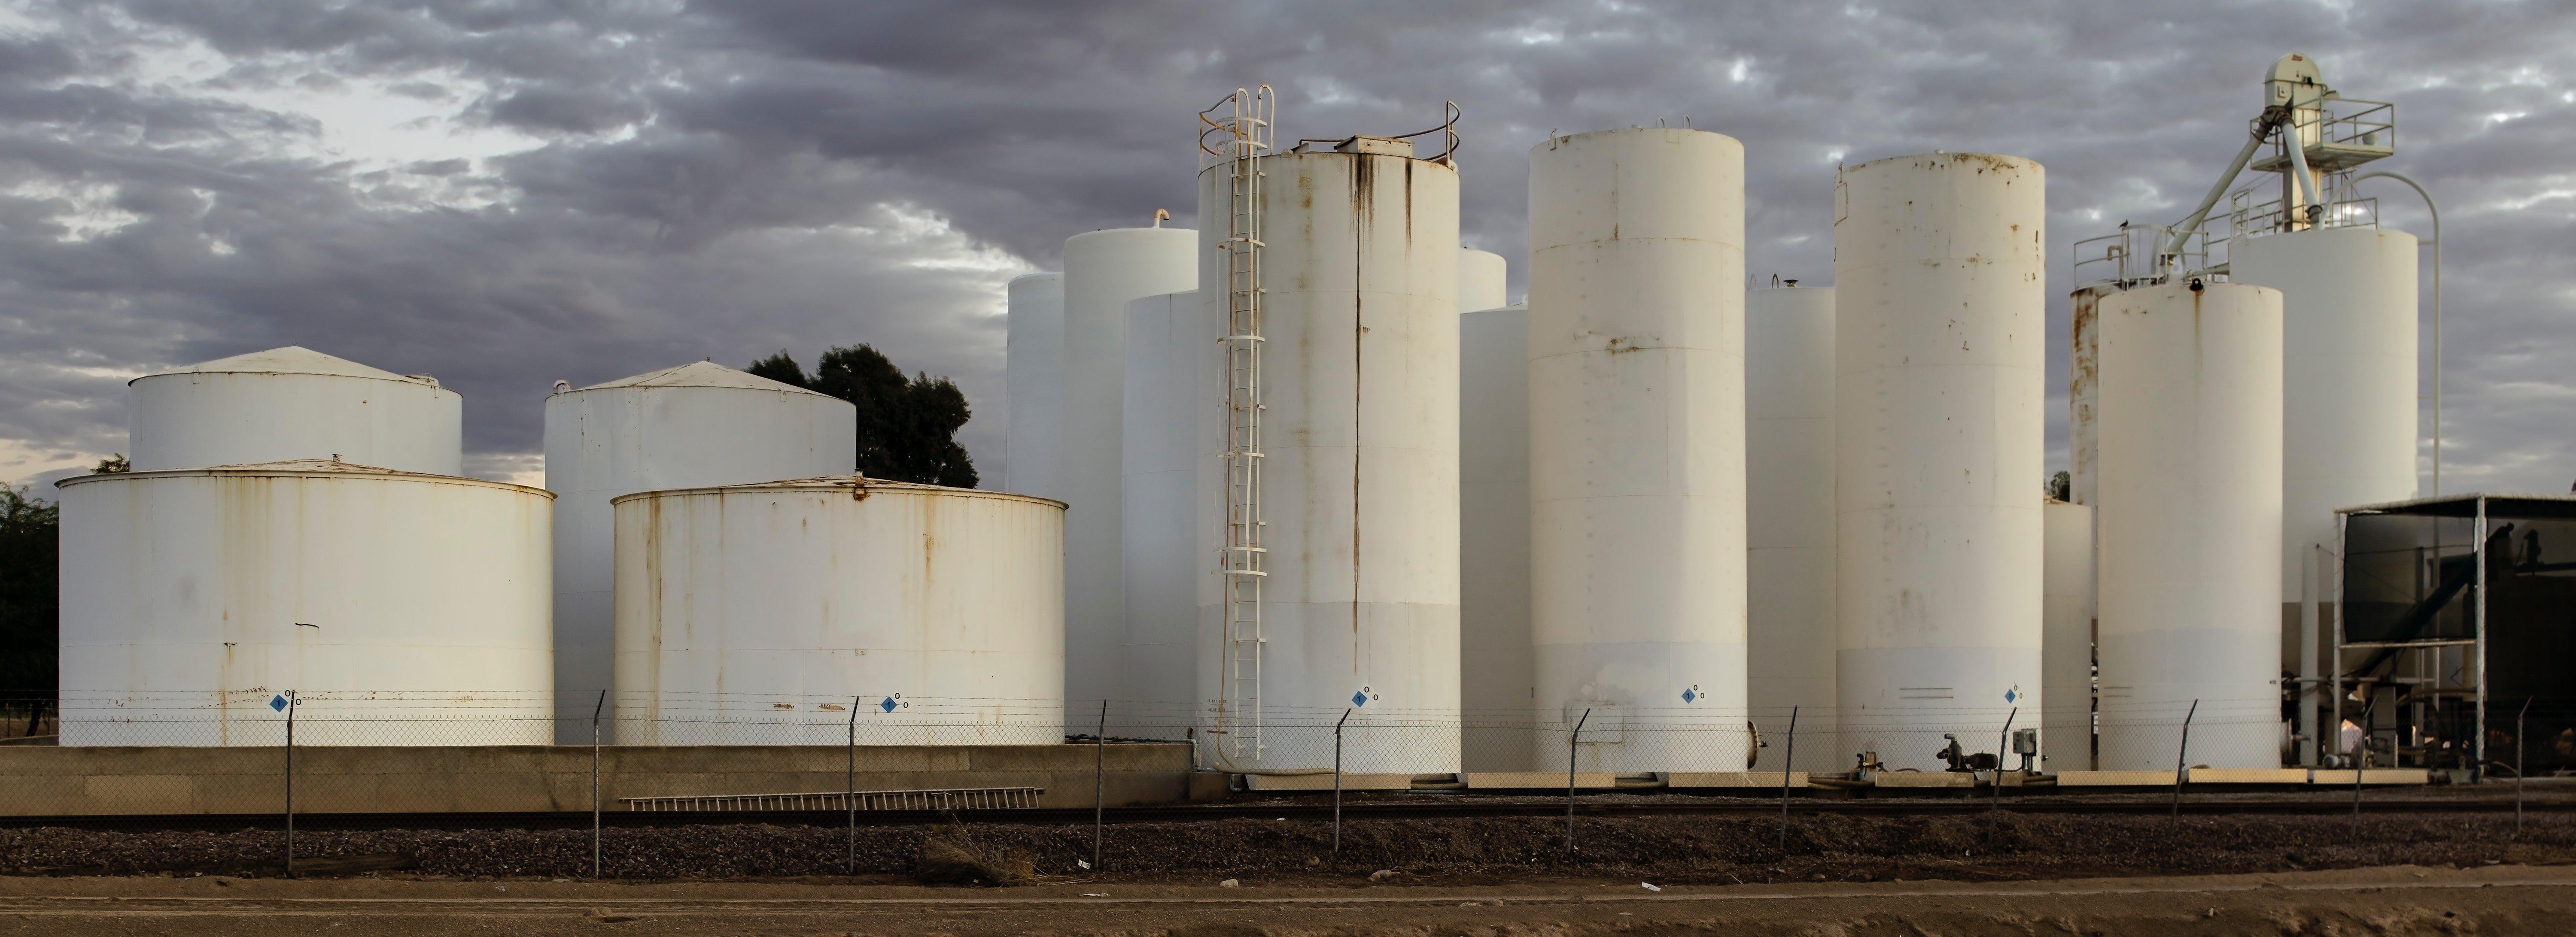 chemical-tanks